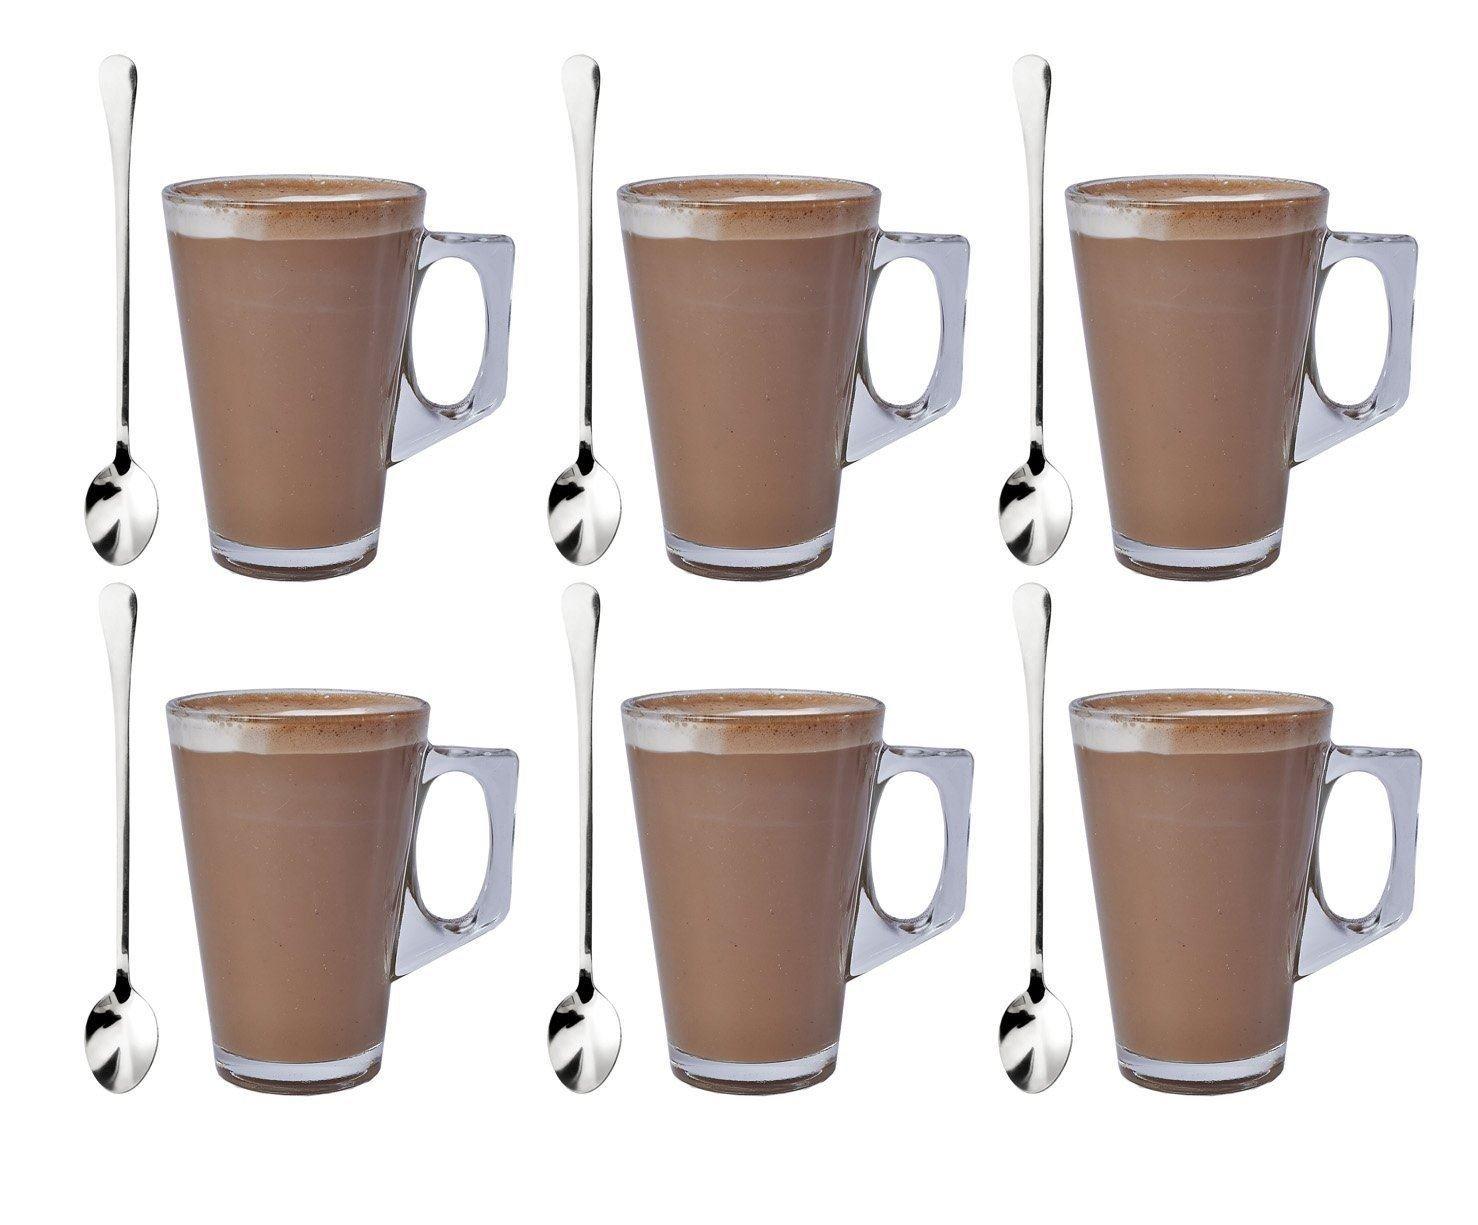 Set de 6 vasos de café de vidrio de 240ml con 6 cucharas